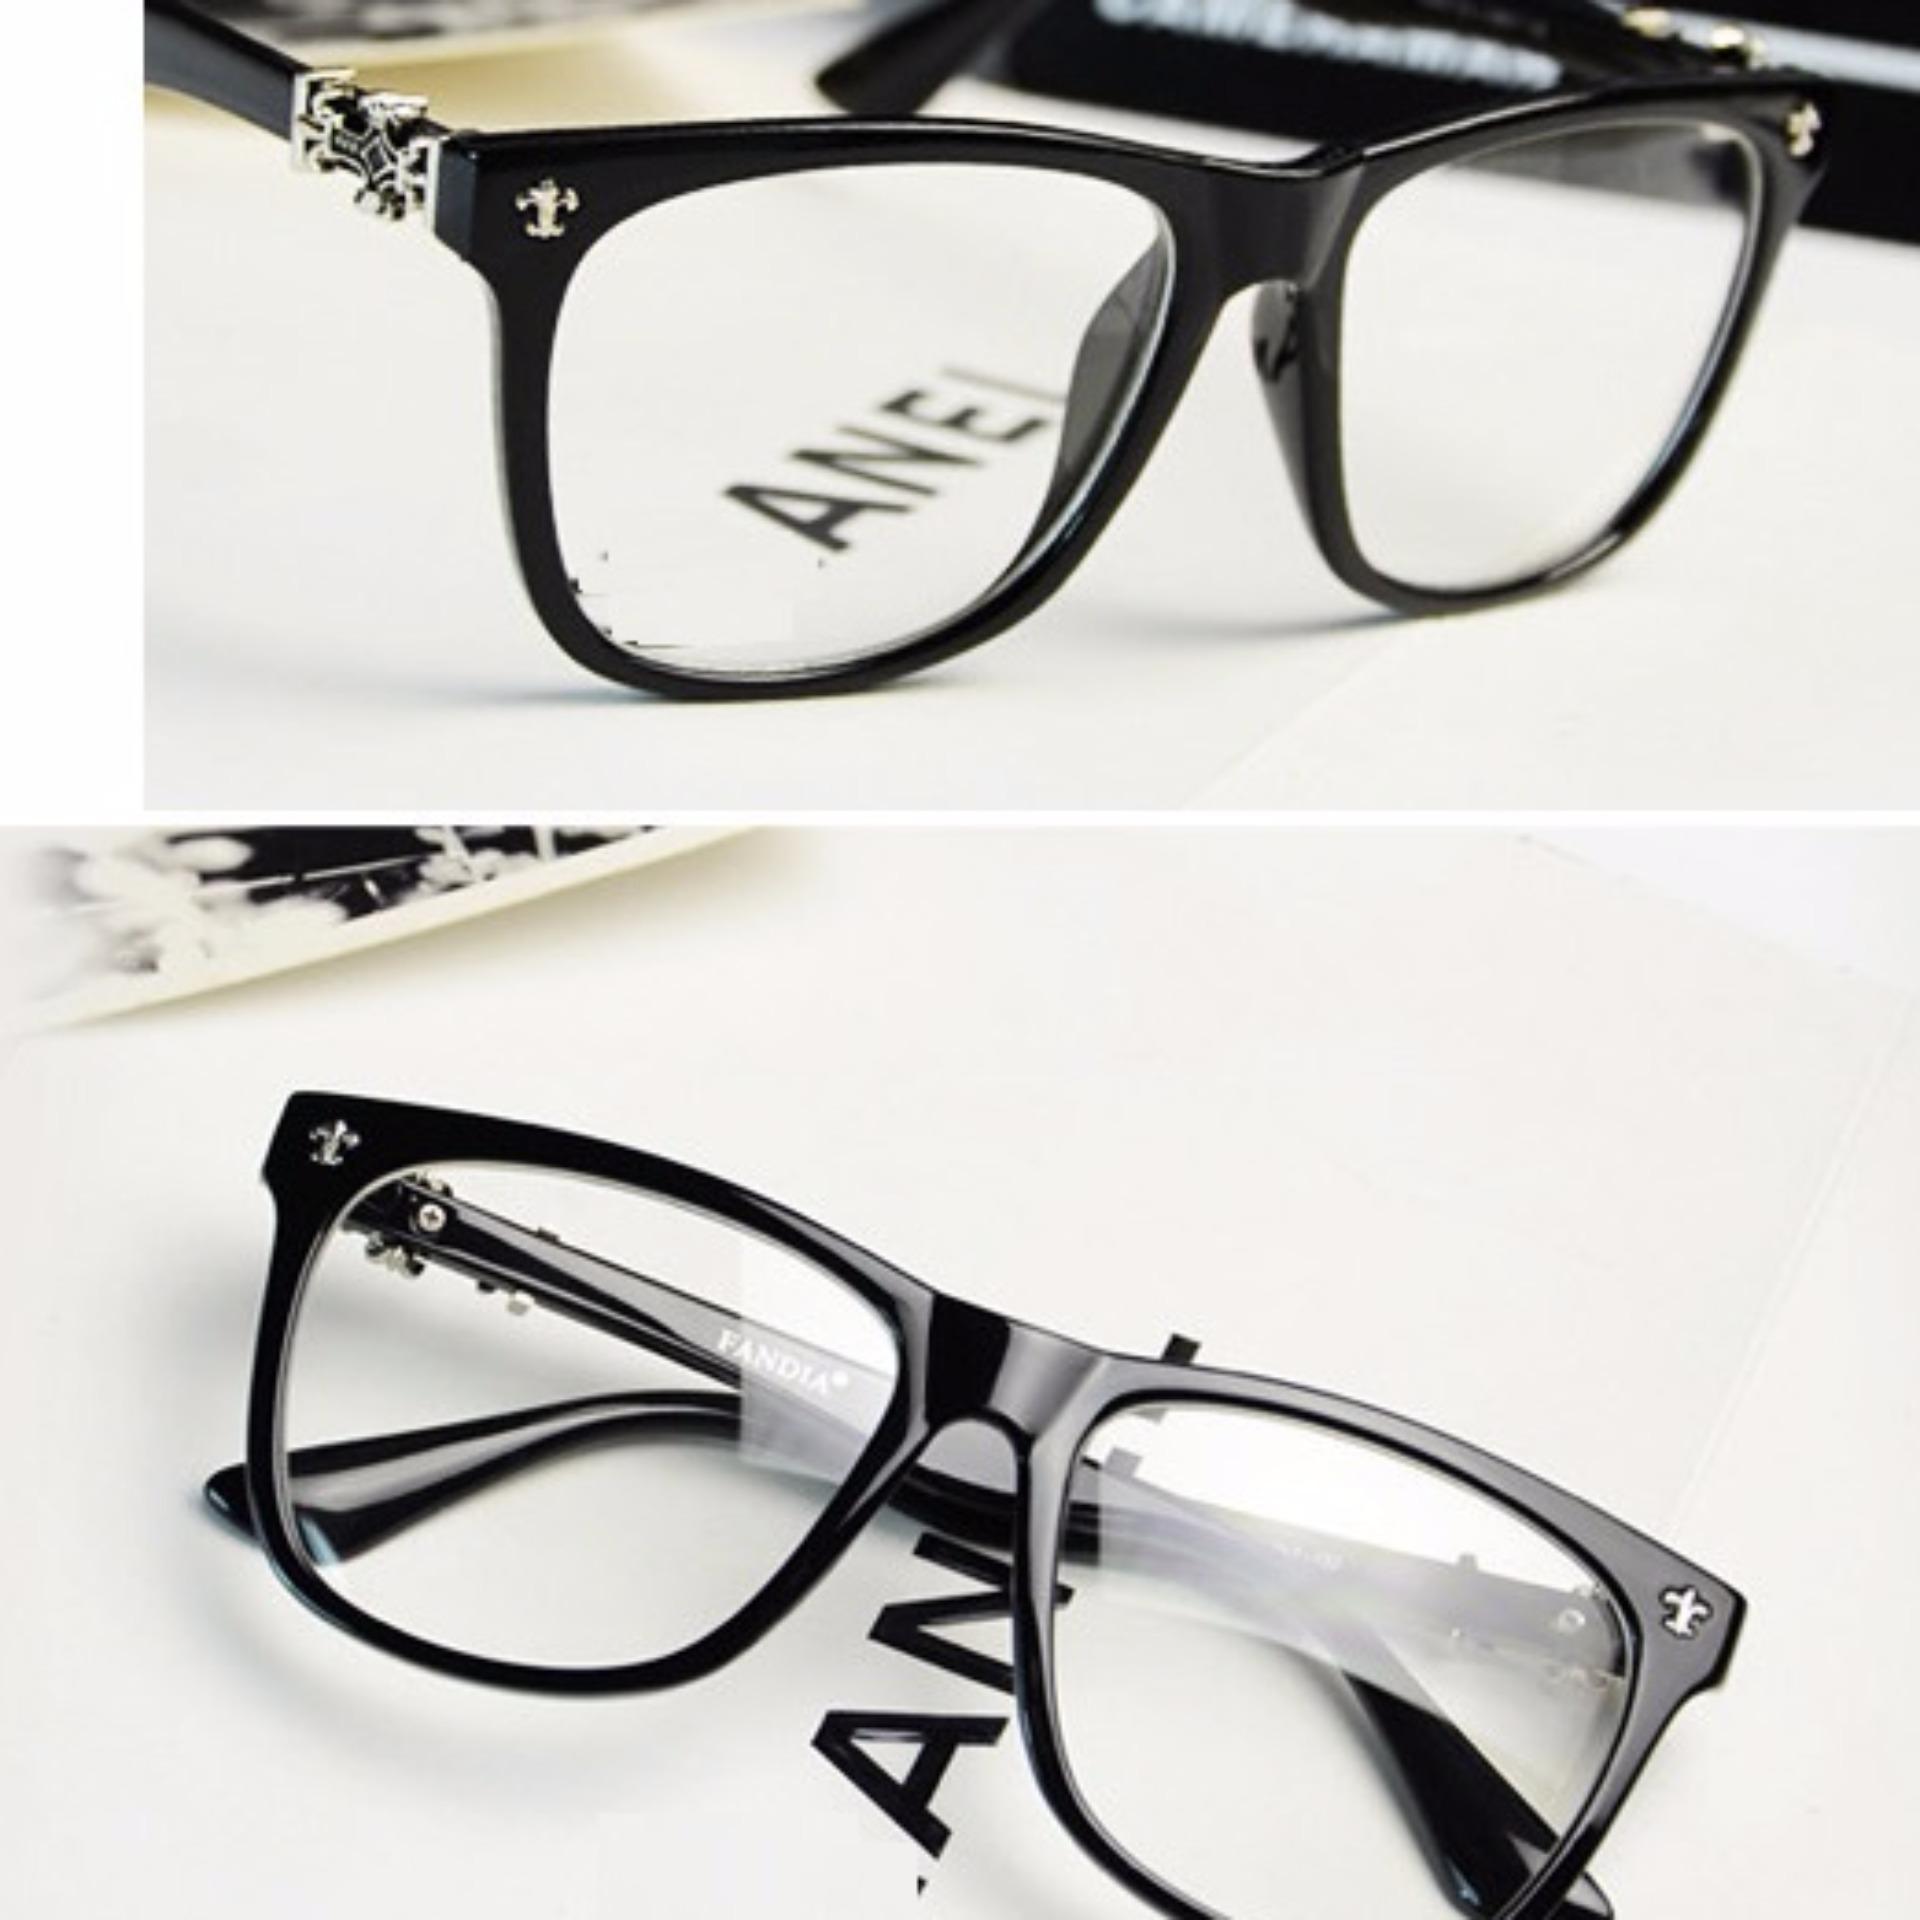 Kết quả hình ảnh cho Mở cửa hàng bán mắt kính thời trang nam nữ-cửa hàng kính thuốc